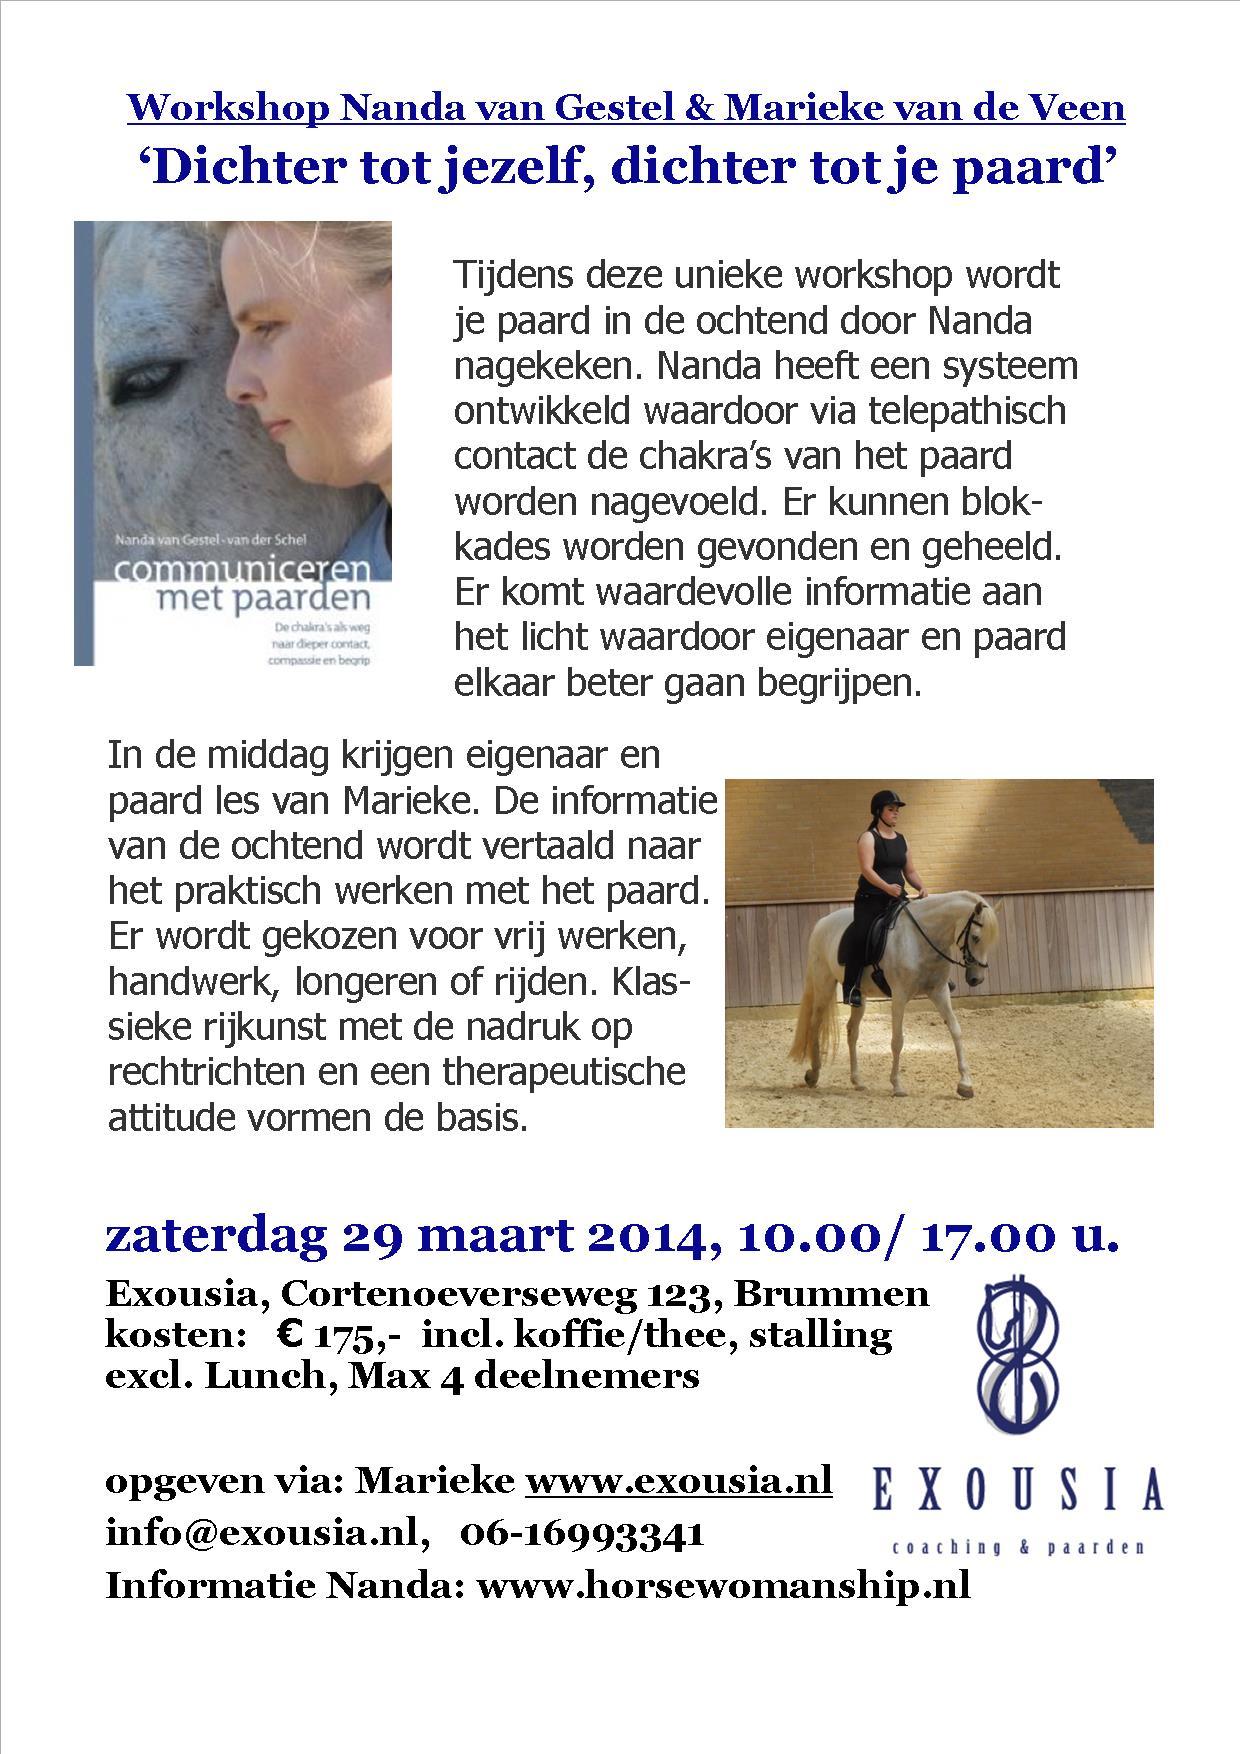 workshop dichter tot jezelf, dichter tot je paard 2014.jpg